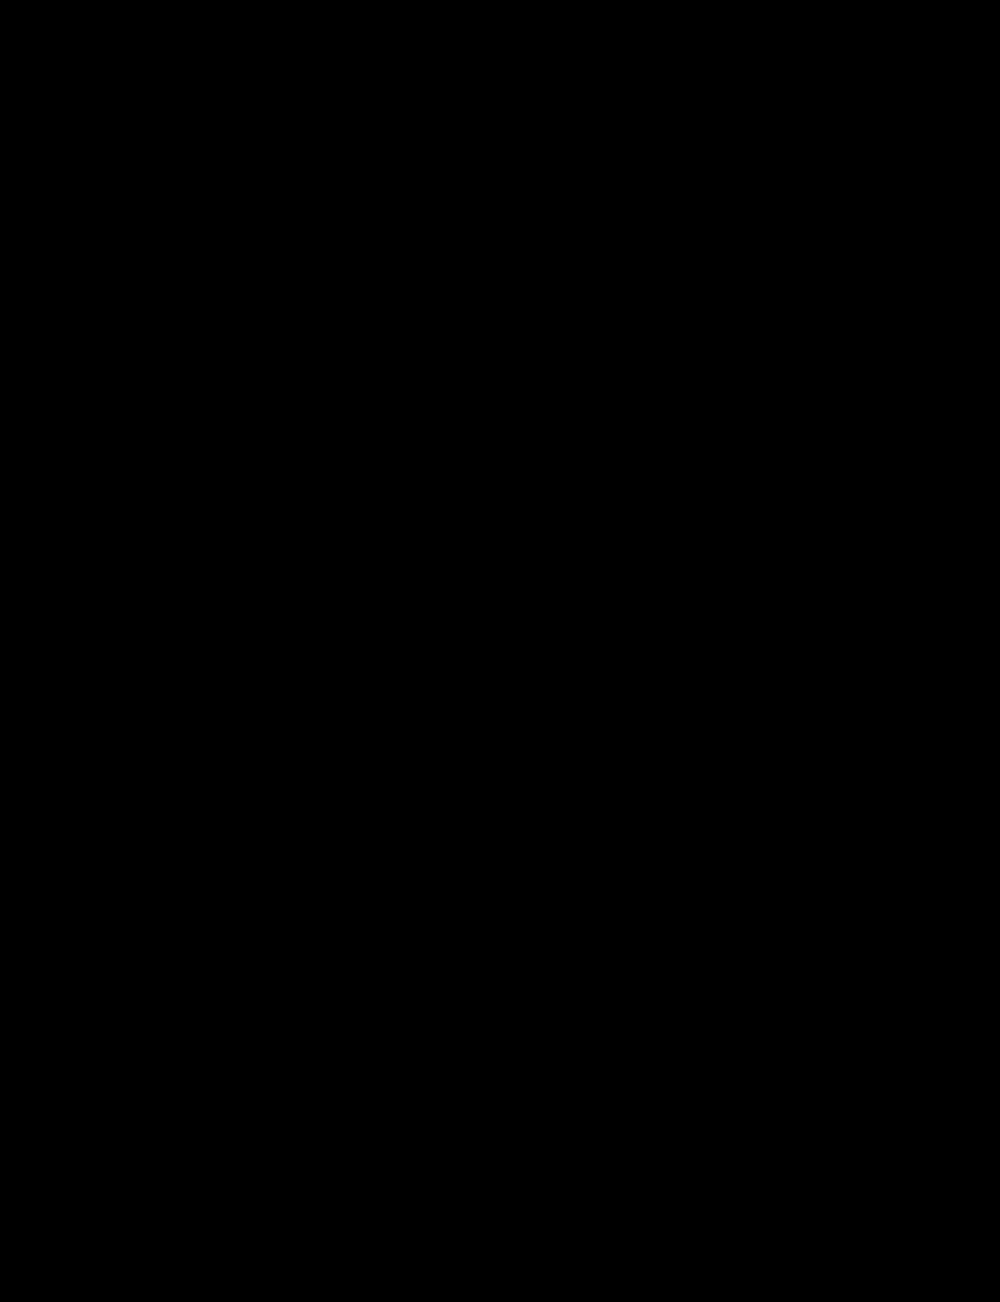 Défilé Versace prêt-à-porter printemps-été 2016.